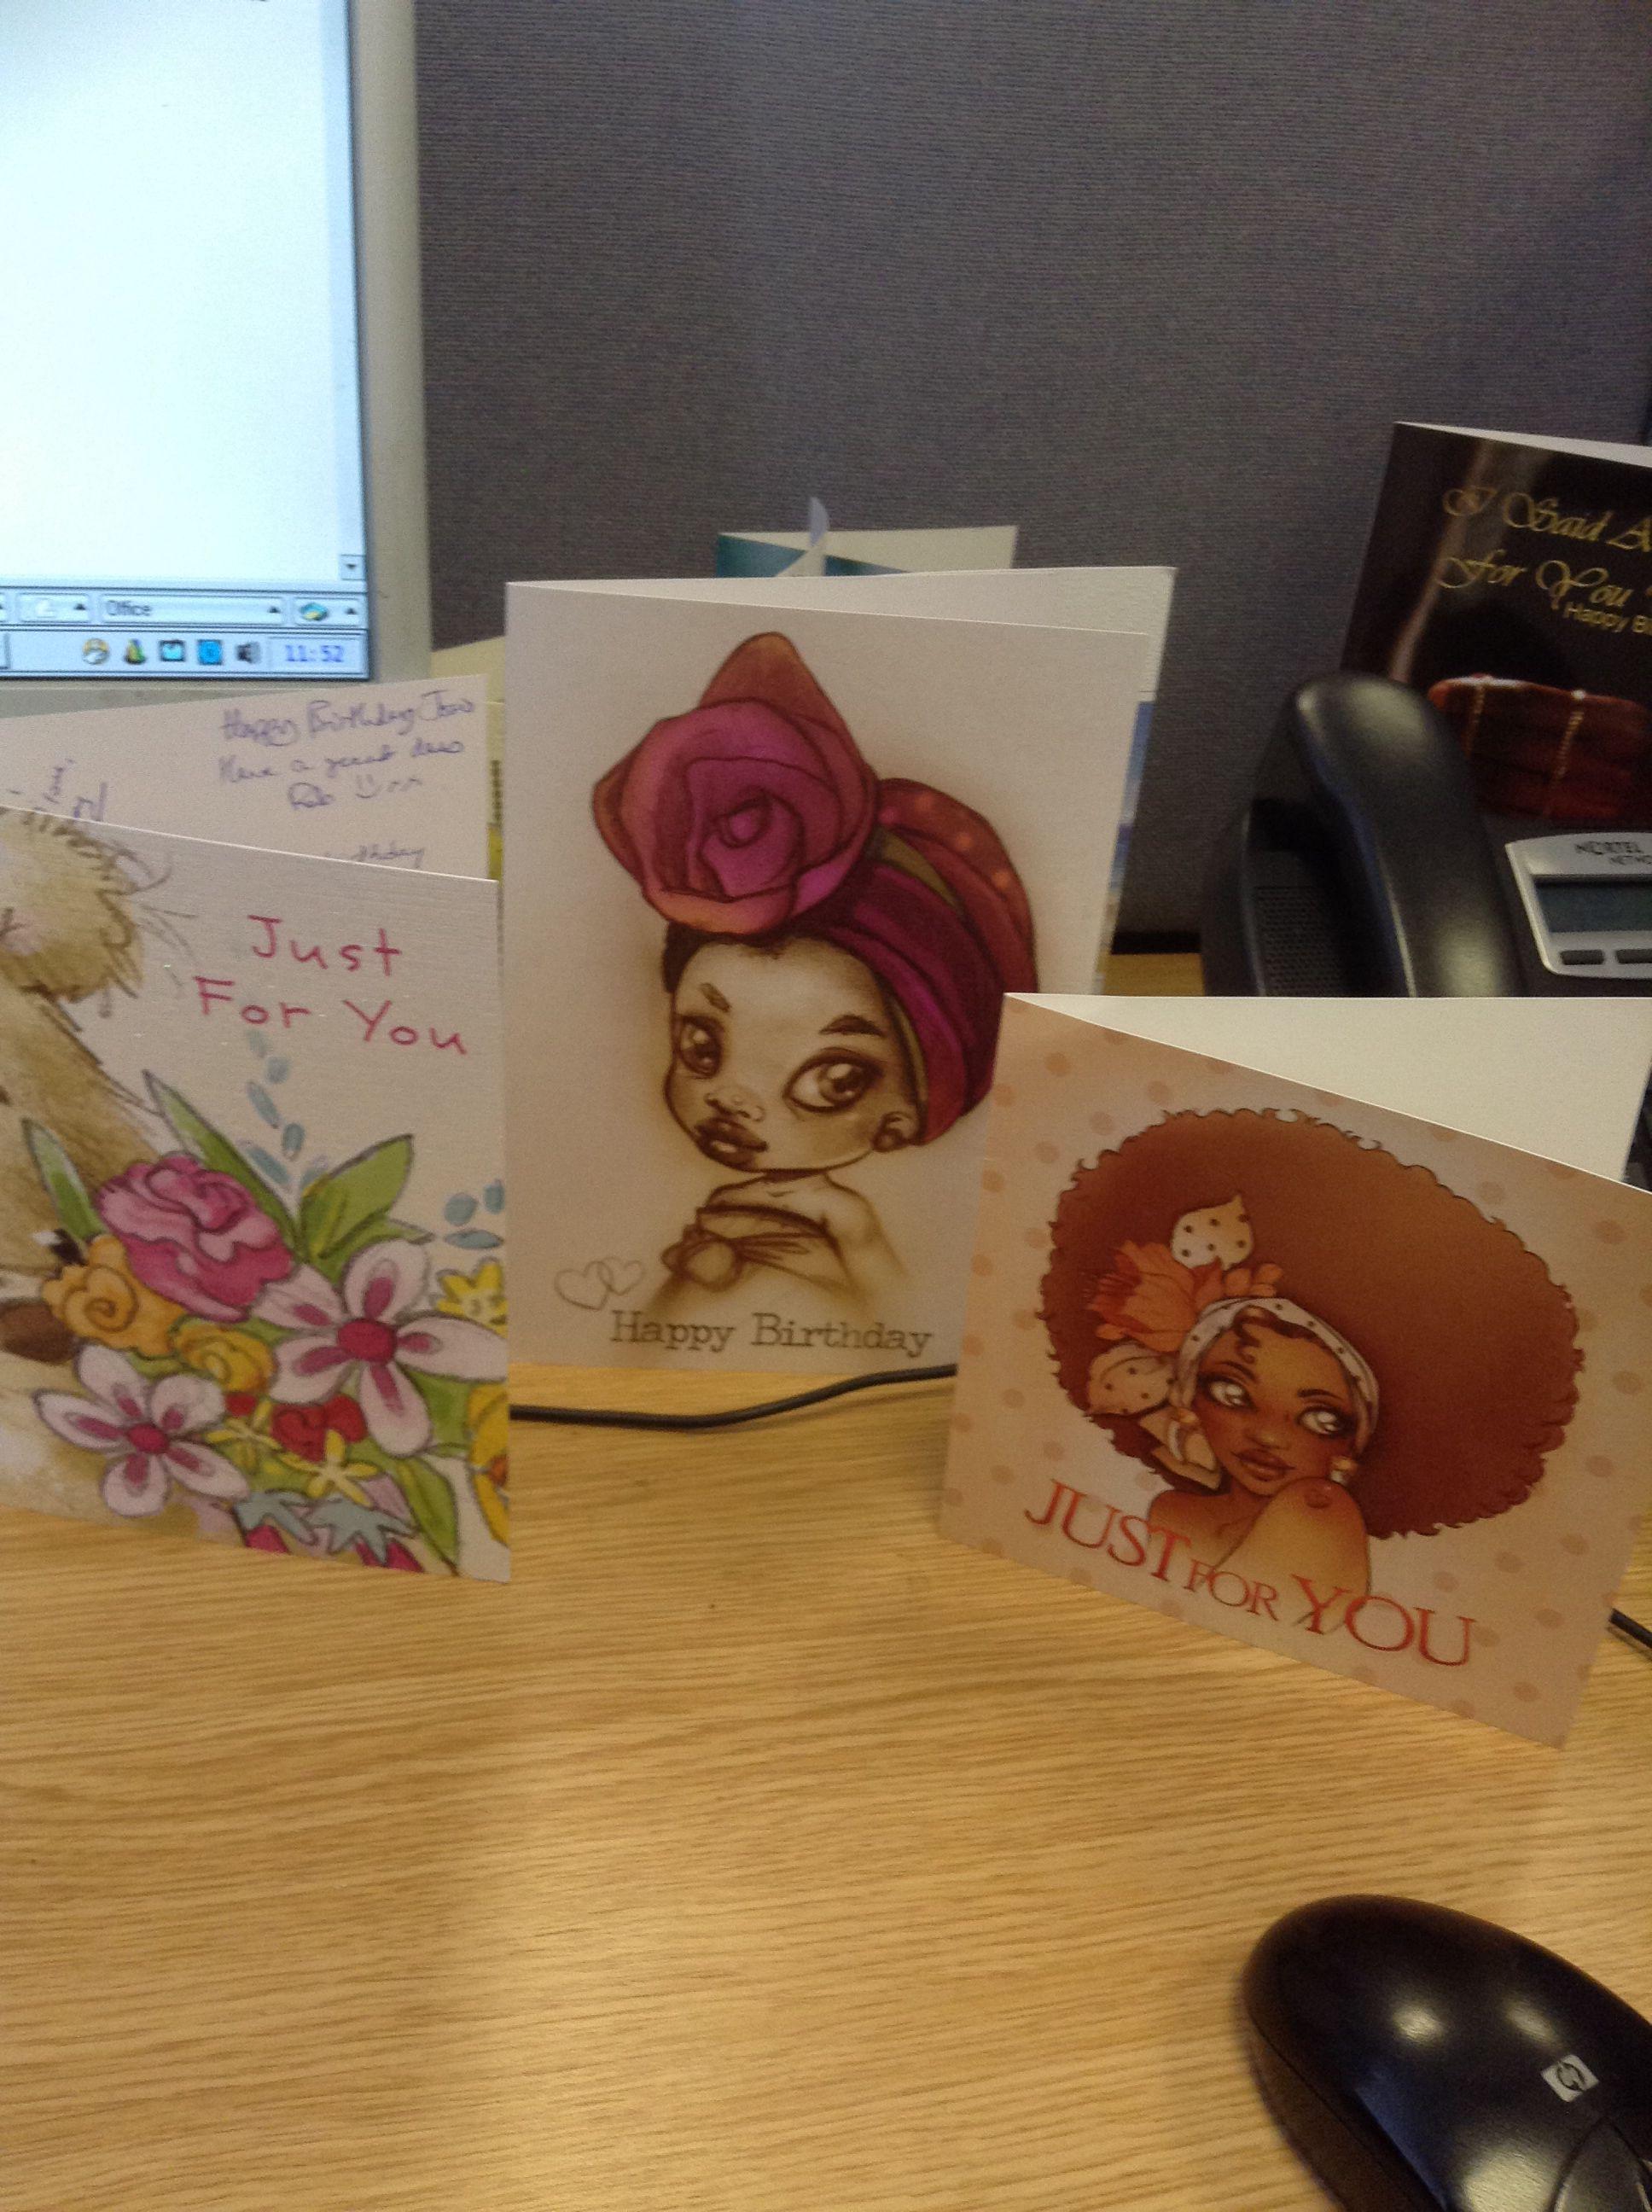 Afrocentric Greeting Cards Manubiah Ma Nubiah Greeting